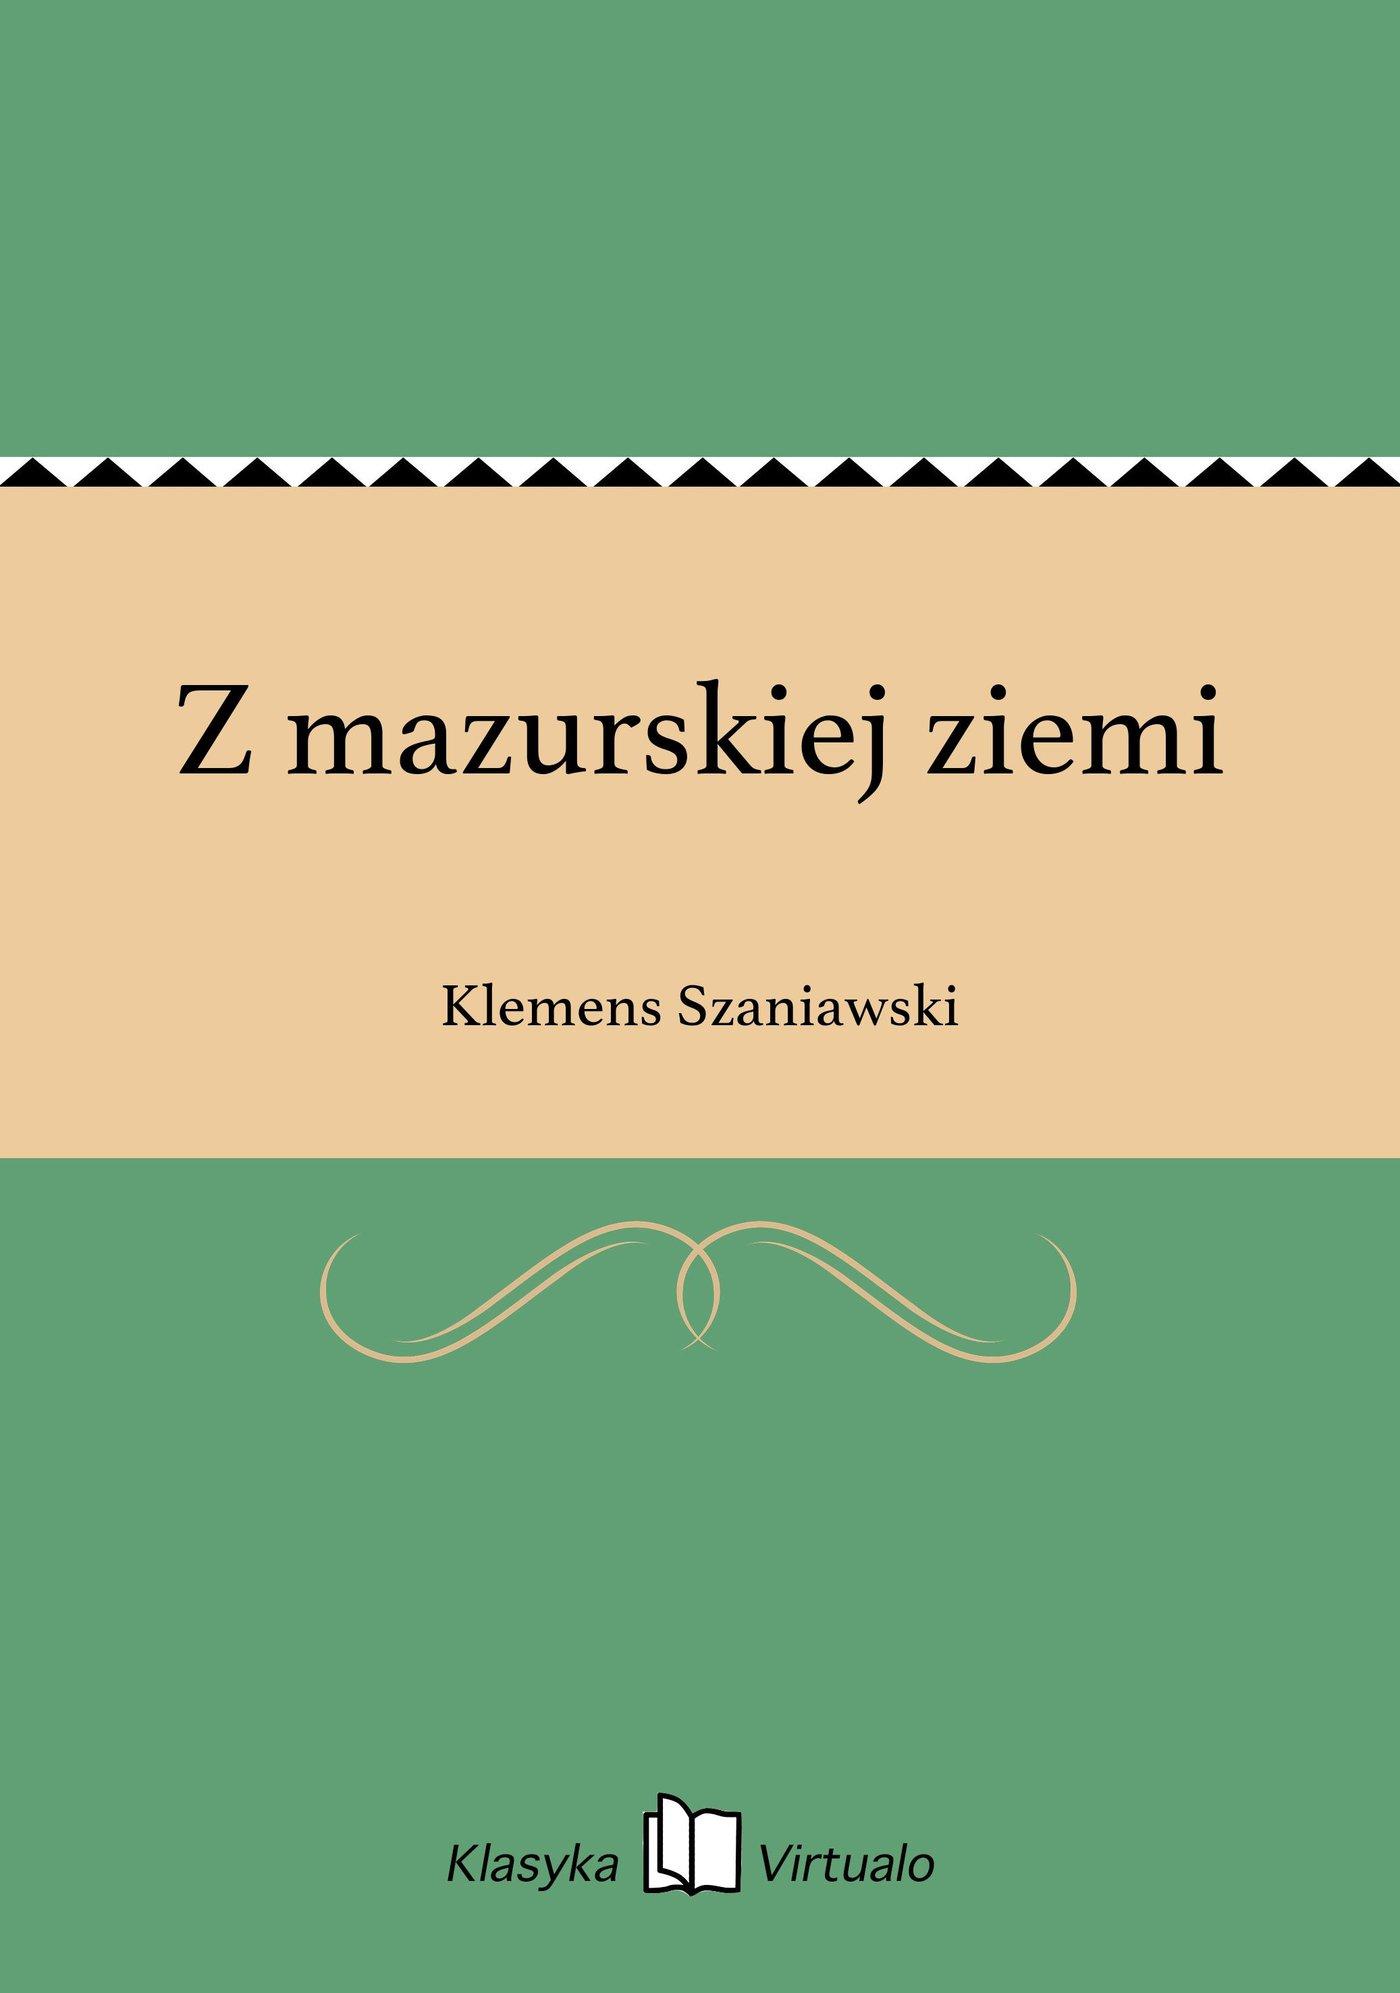 Z mazurskiej ziemi - Ebook (Książka EPUB) do pobrania w formacie EPUB